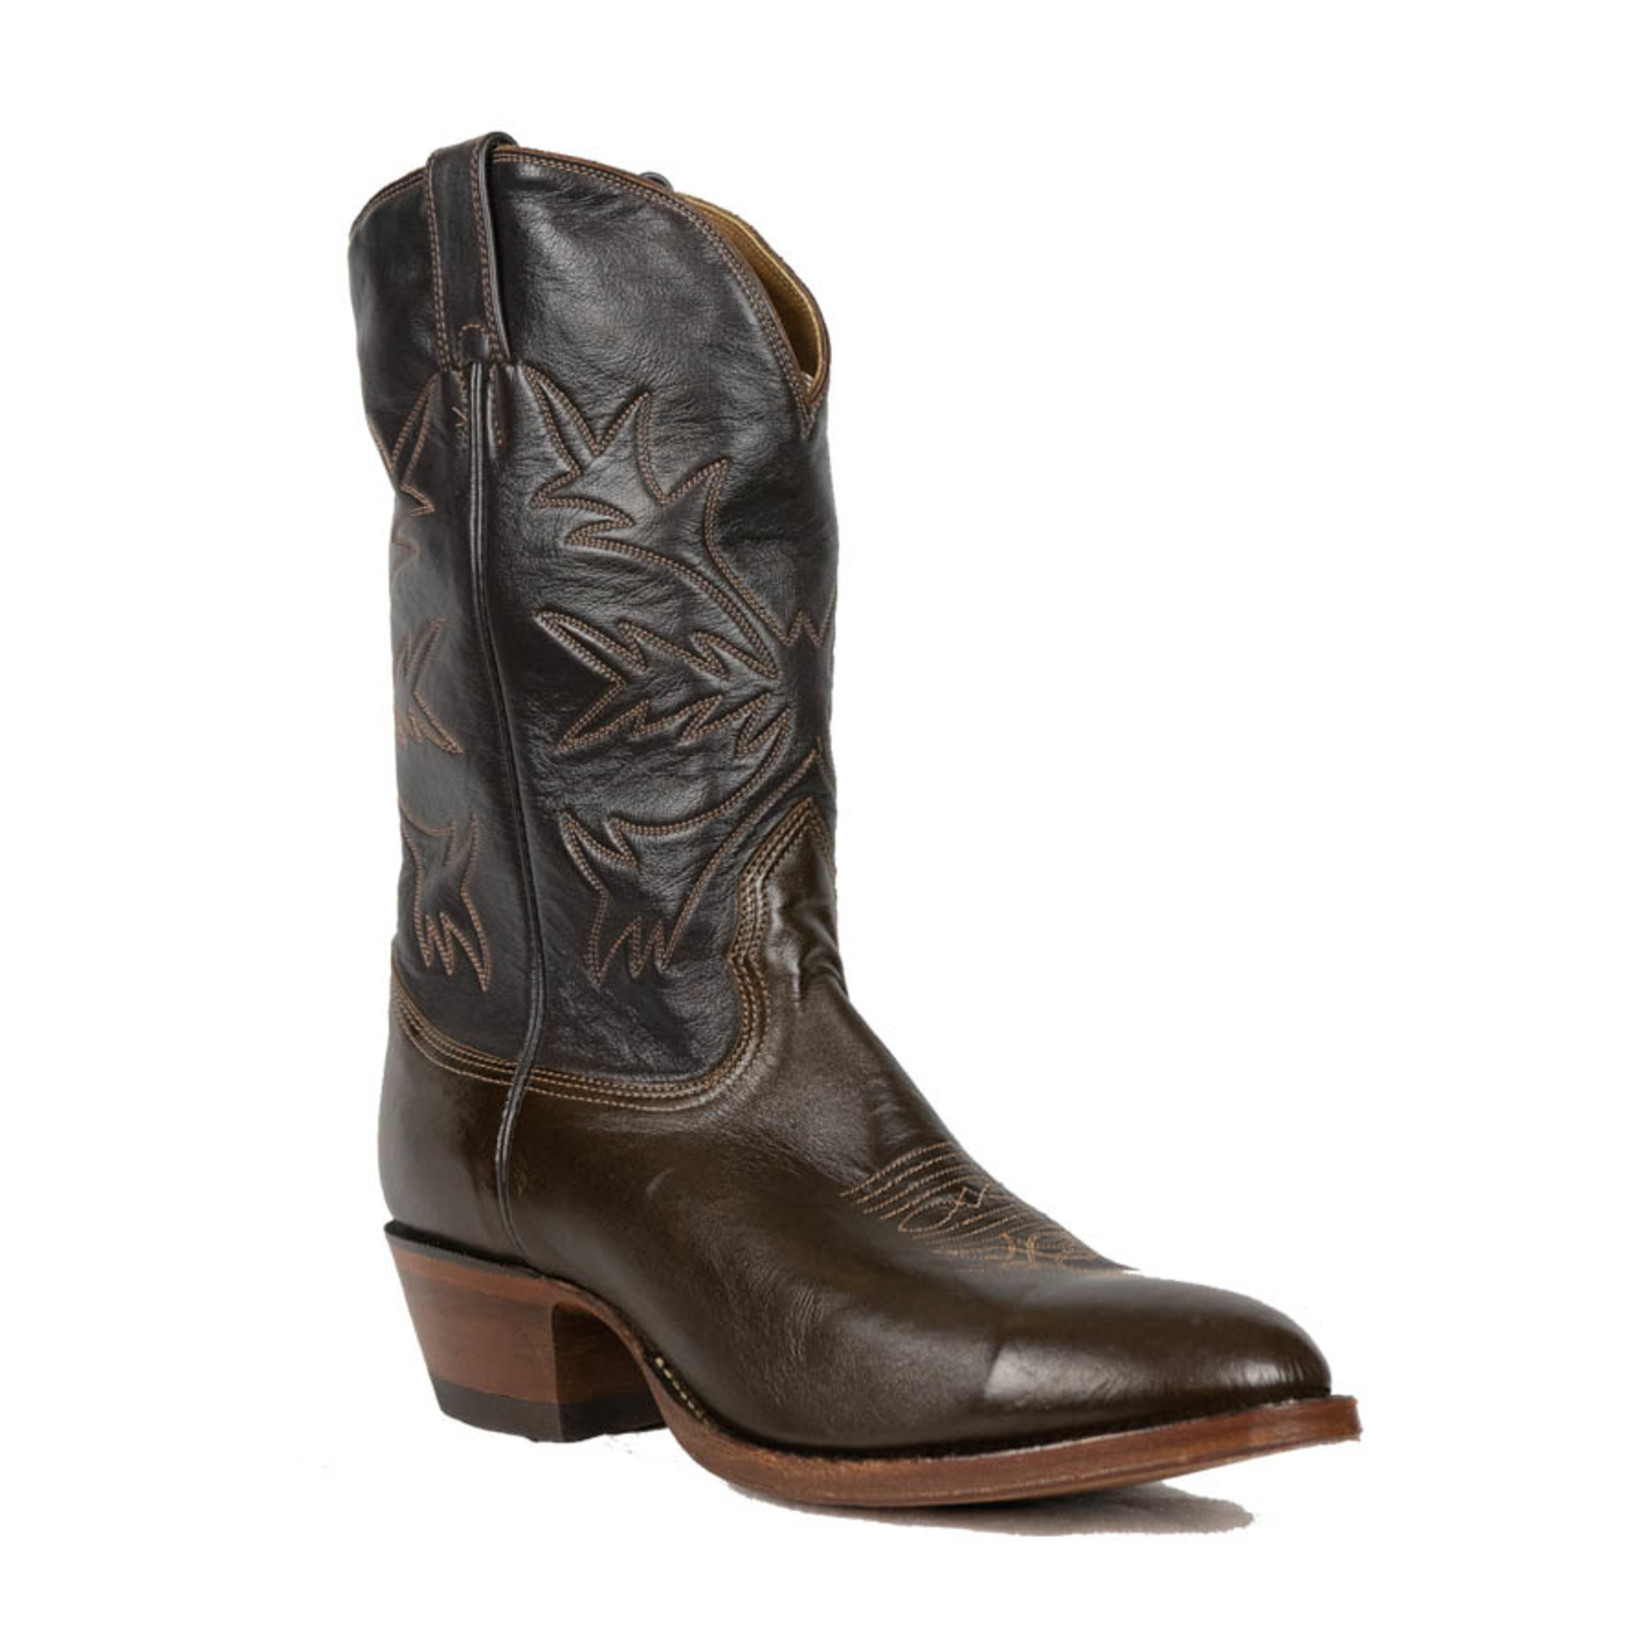 Alberta Boots Alberta Boot Men's Cowboy Boot 463TN 2E